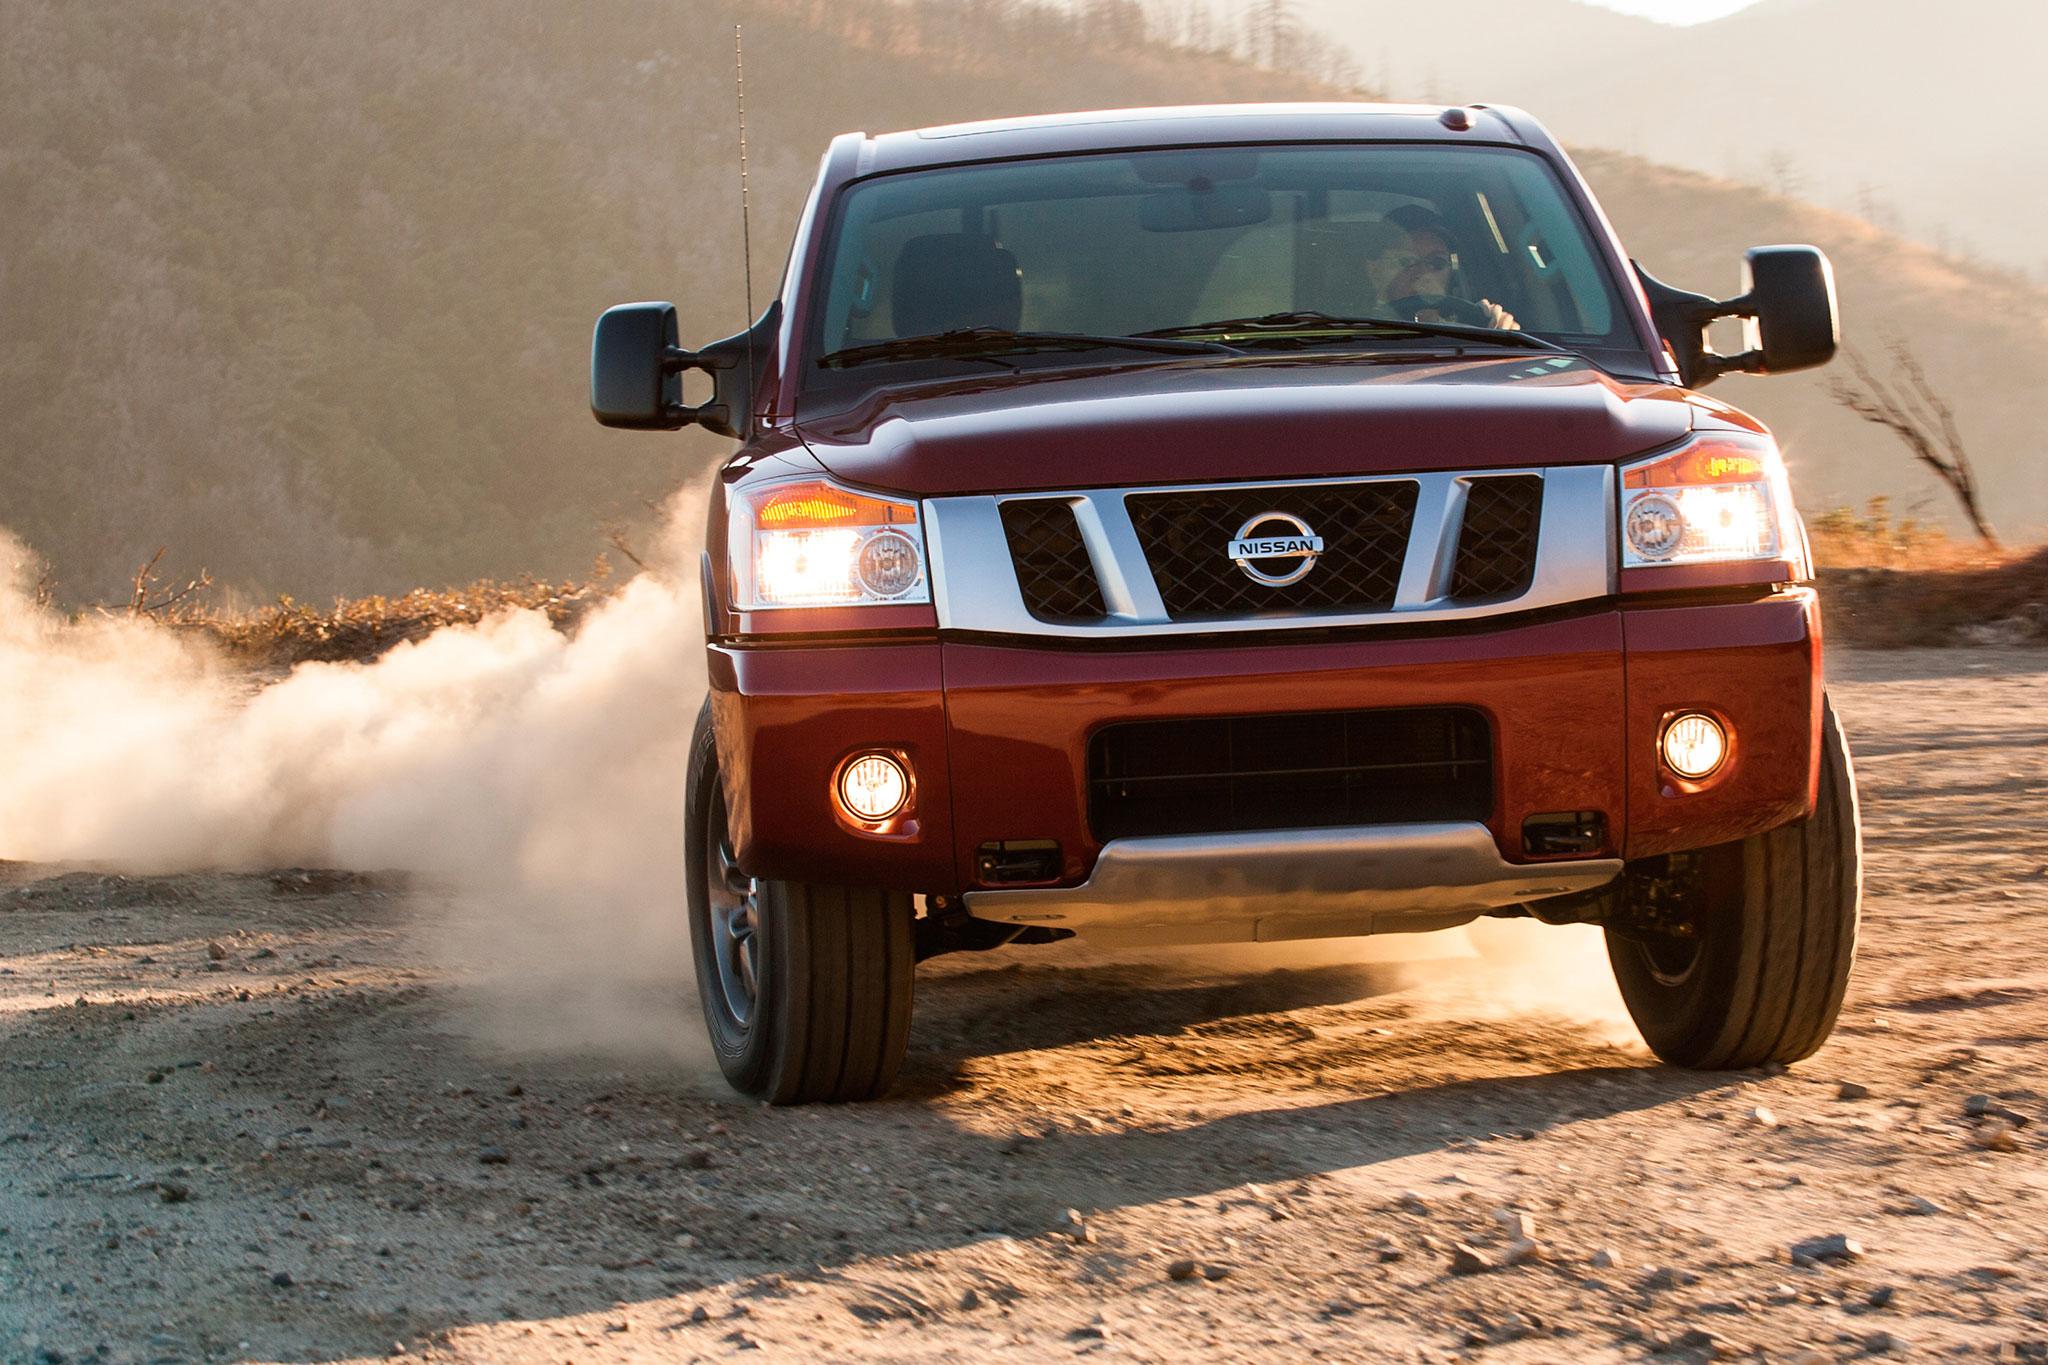 2014 Nissan Titan Side View1